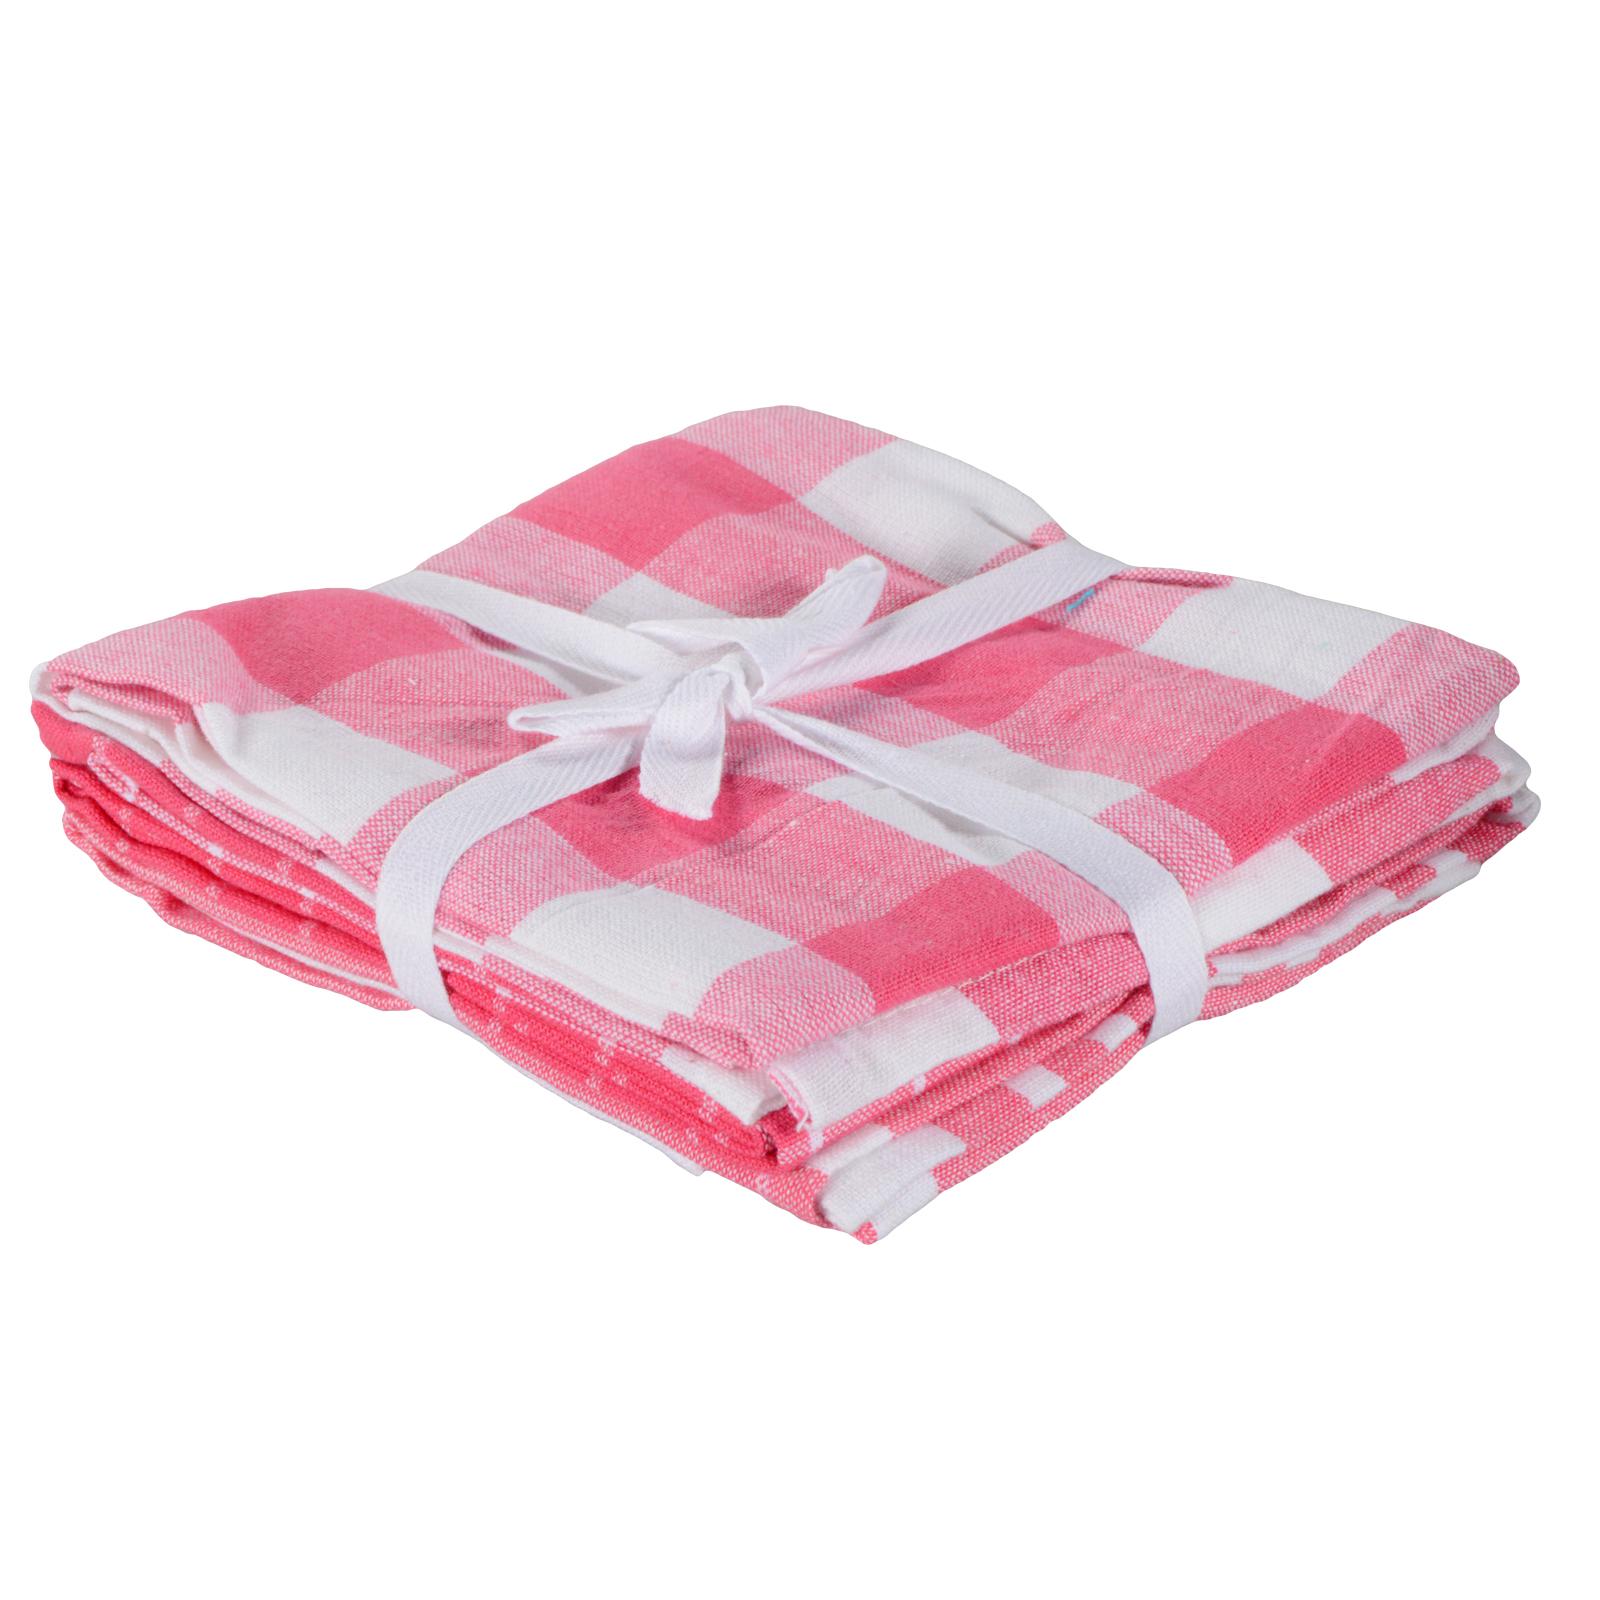 3er set k chenhandtuch geschirrtuch geschirrt cher geschirrhandt cher handtuch ebay. Black Bedroom Furniture Sets. Home Design Ideas